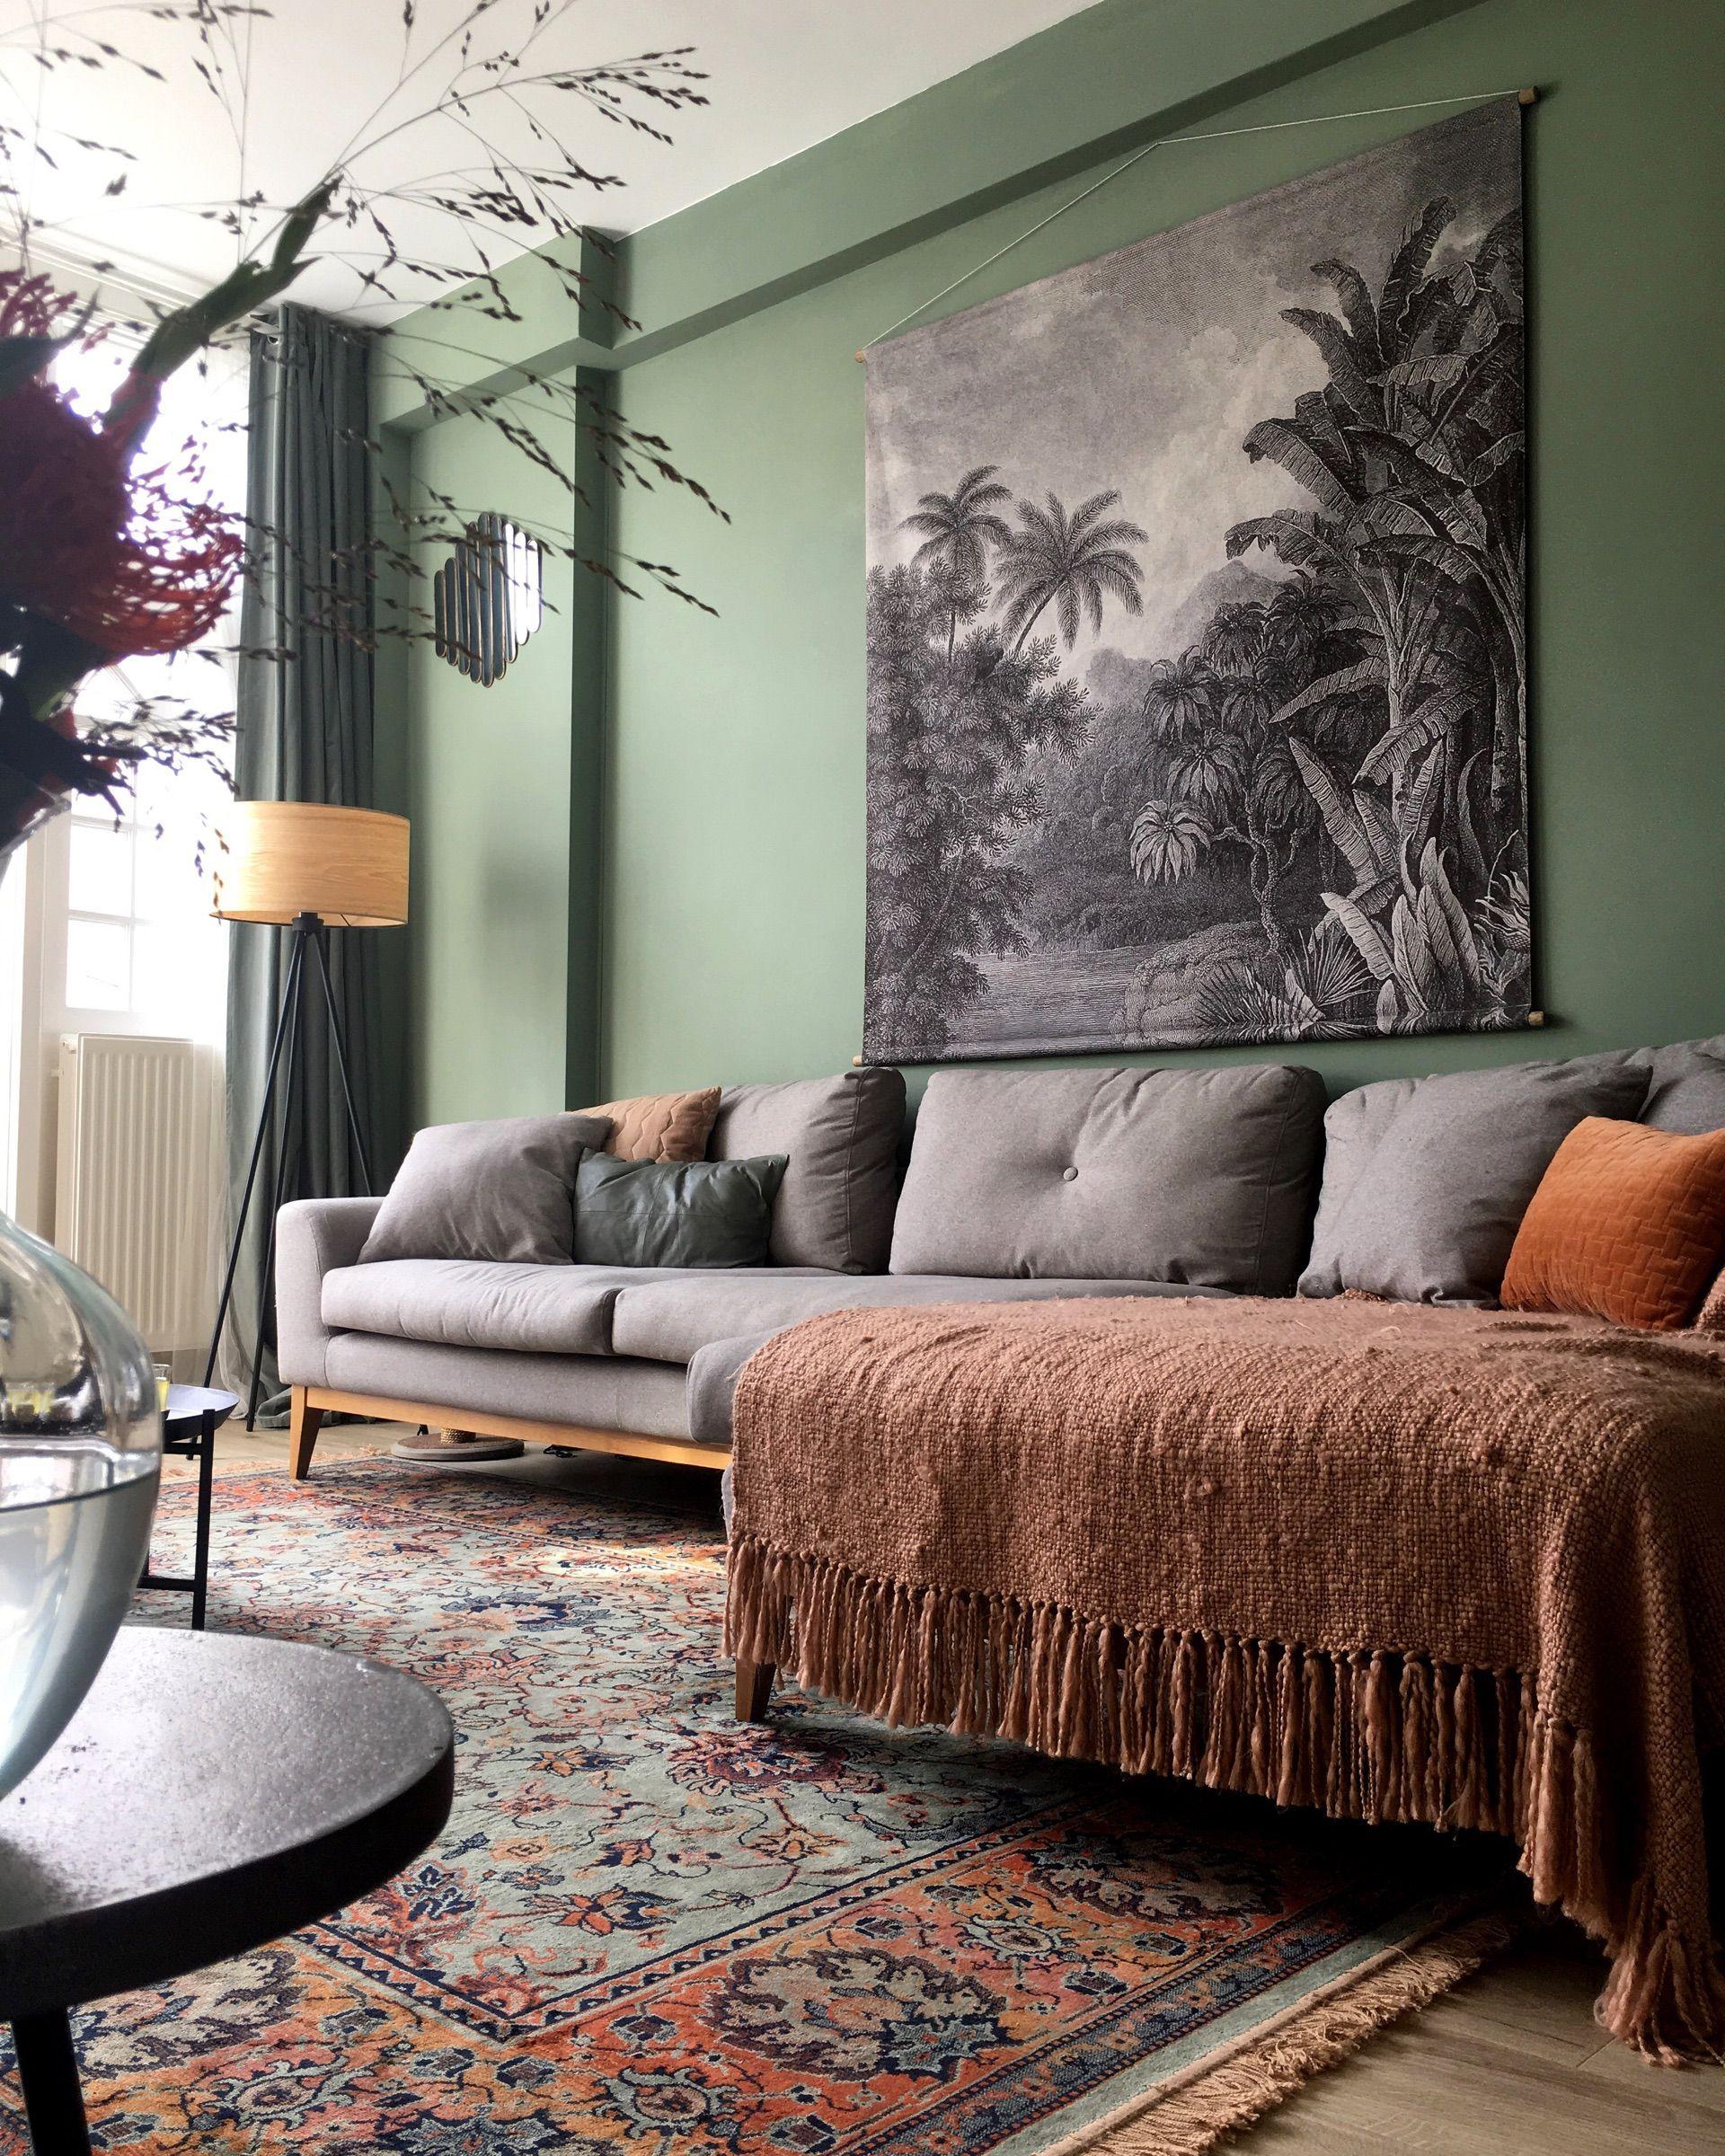 15 Cool Dark Living Room Ideas You Should See Best Home Remodel Wohnzimmer Gestalten Wohnzimmer Design Wohnzimmerdesign